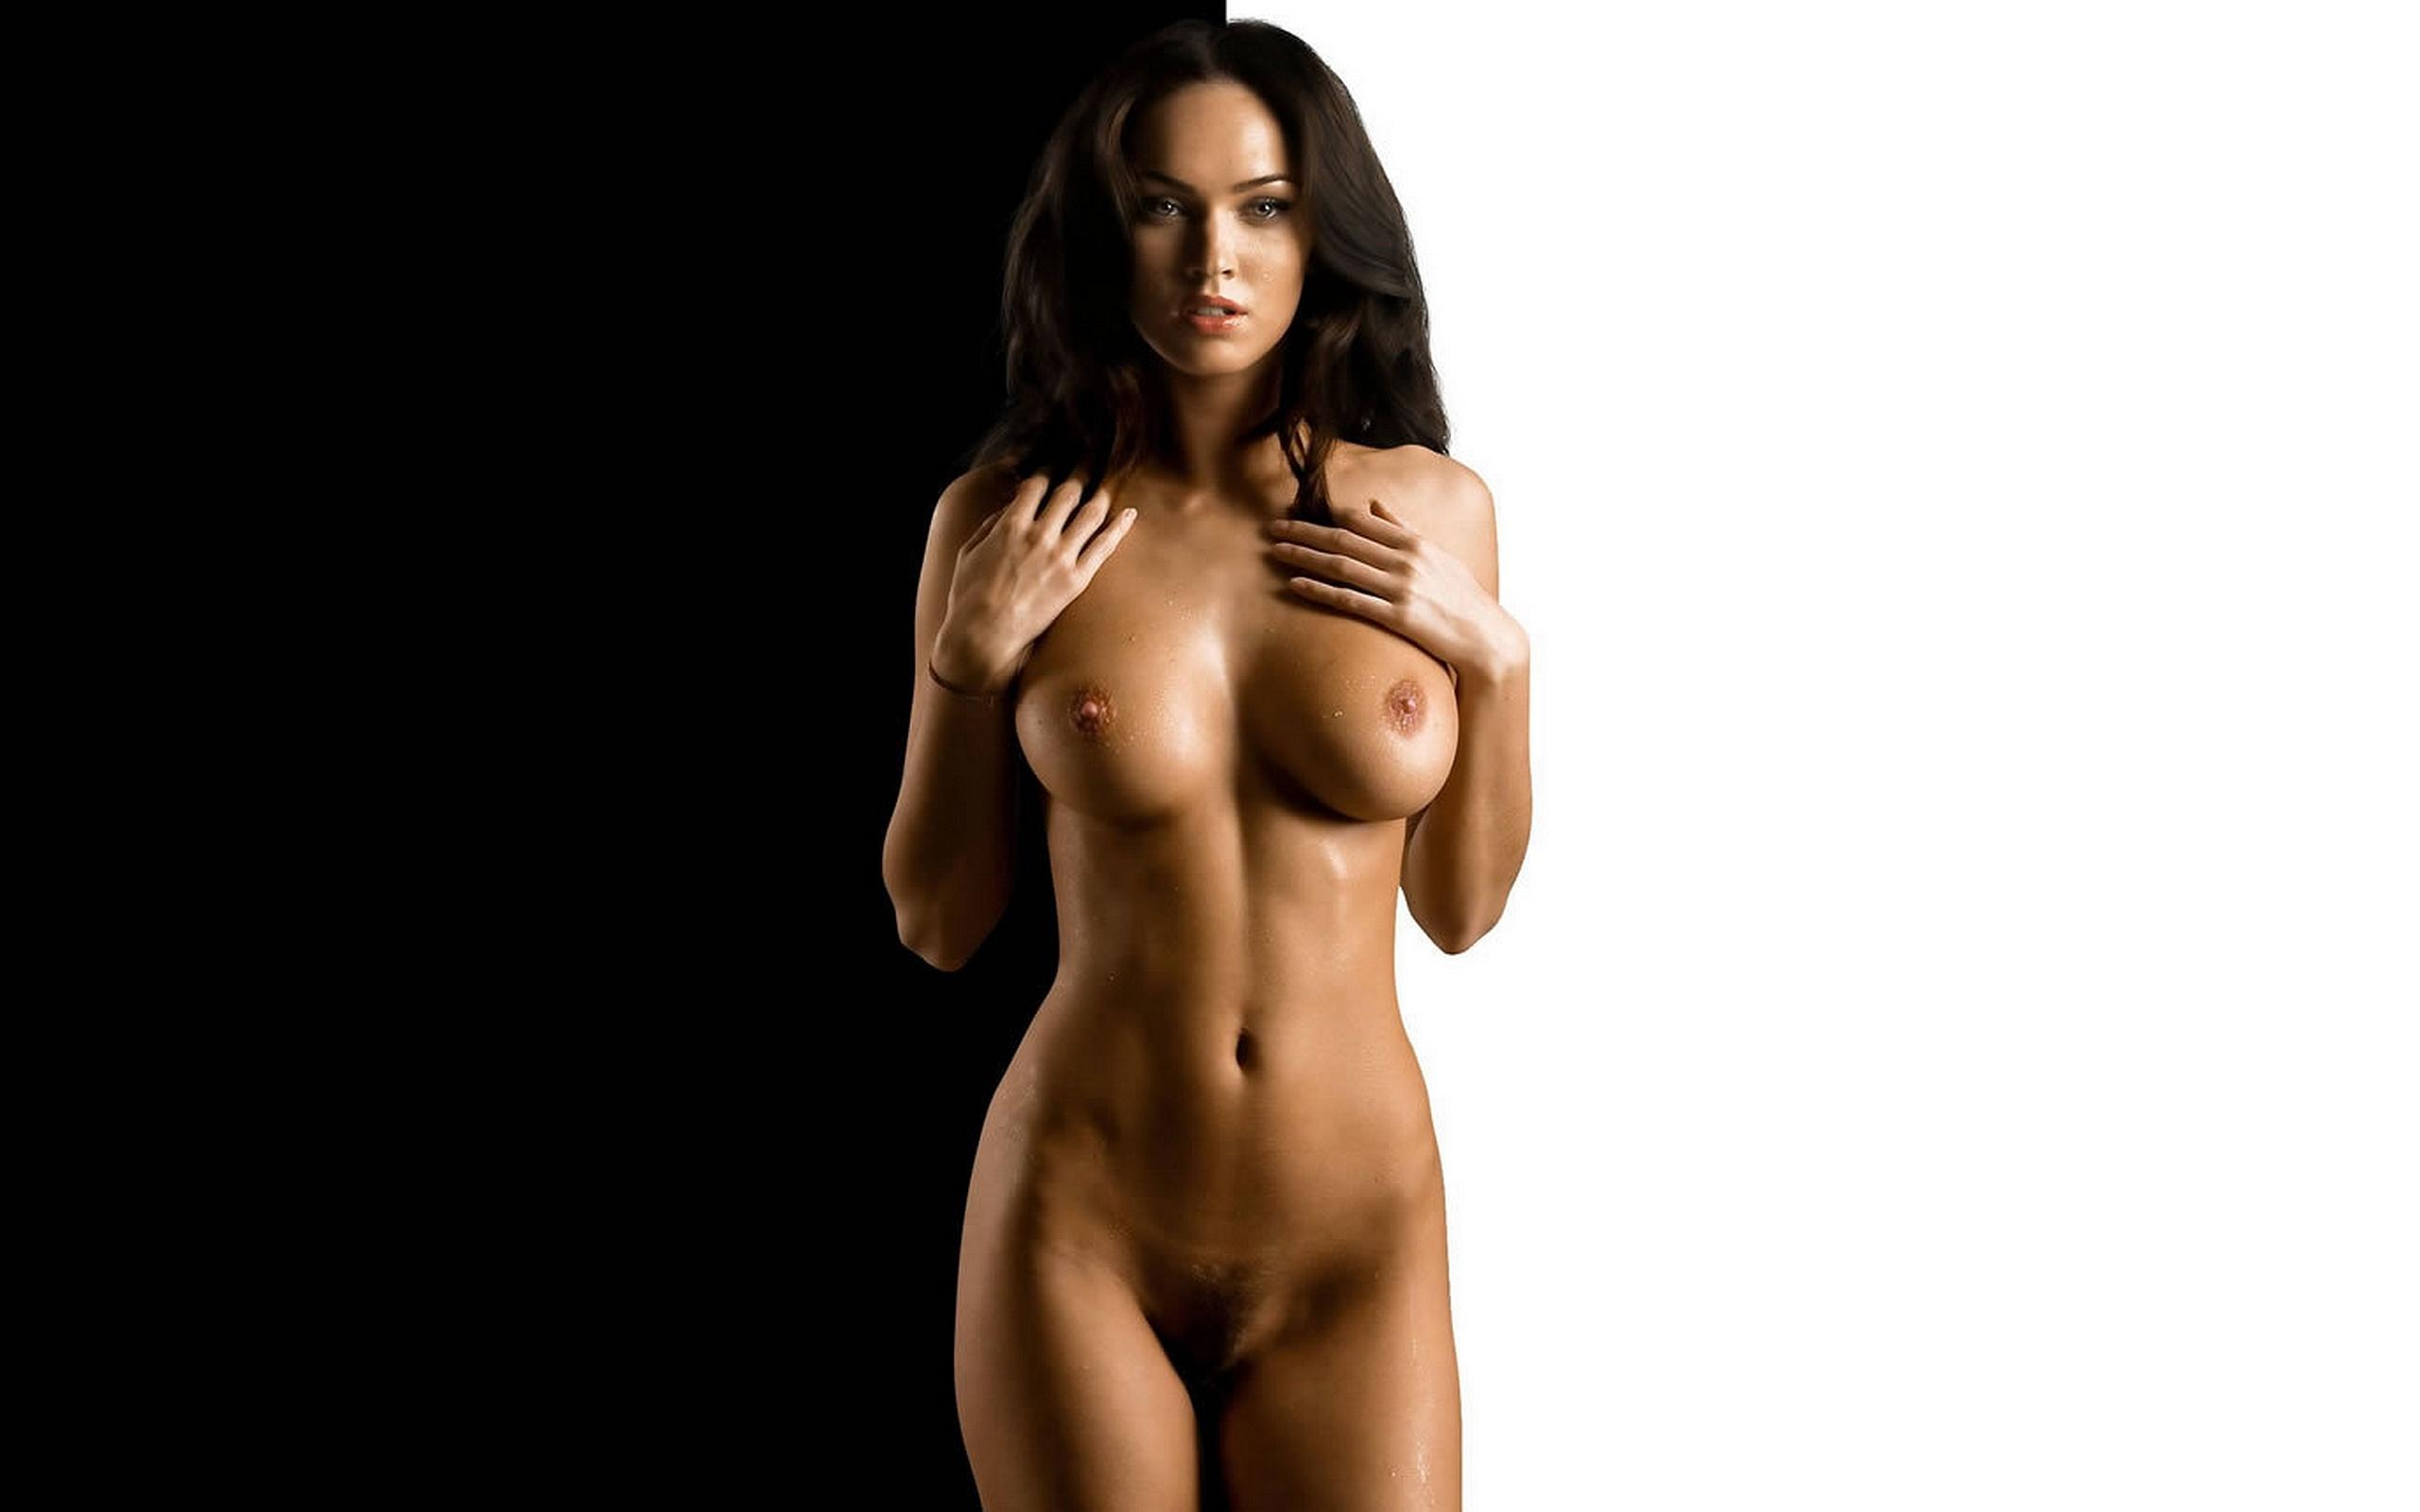 eroticheskie-foto-dlya-fotoshop